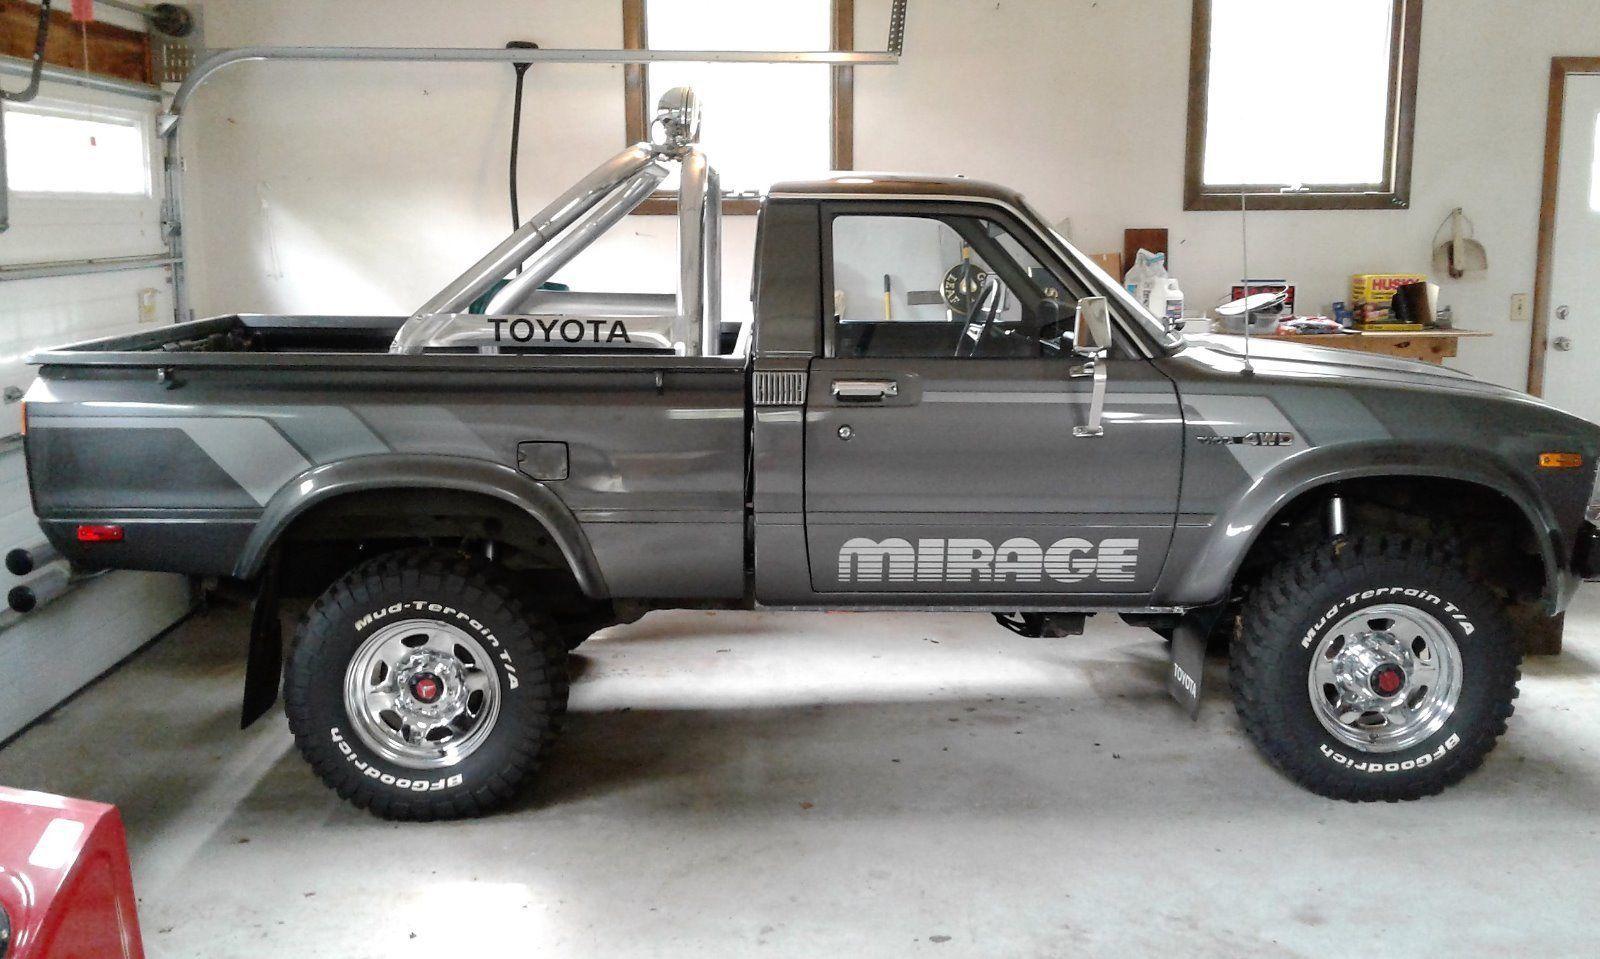 1983 toyota sr 5 4x4 pickup truck mirage limited edition 1983 toyota hilux 4x4 pickup truck mirage edition the toyota hilux tr  [ 1600 x 959 Pixel ]